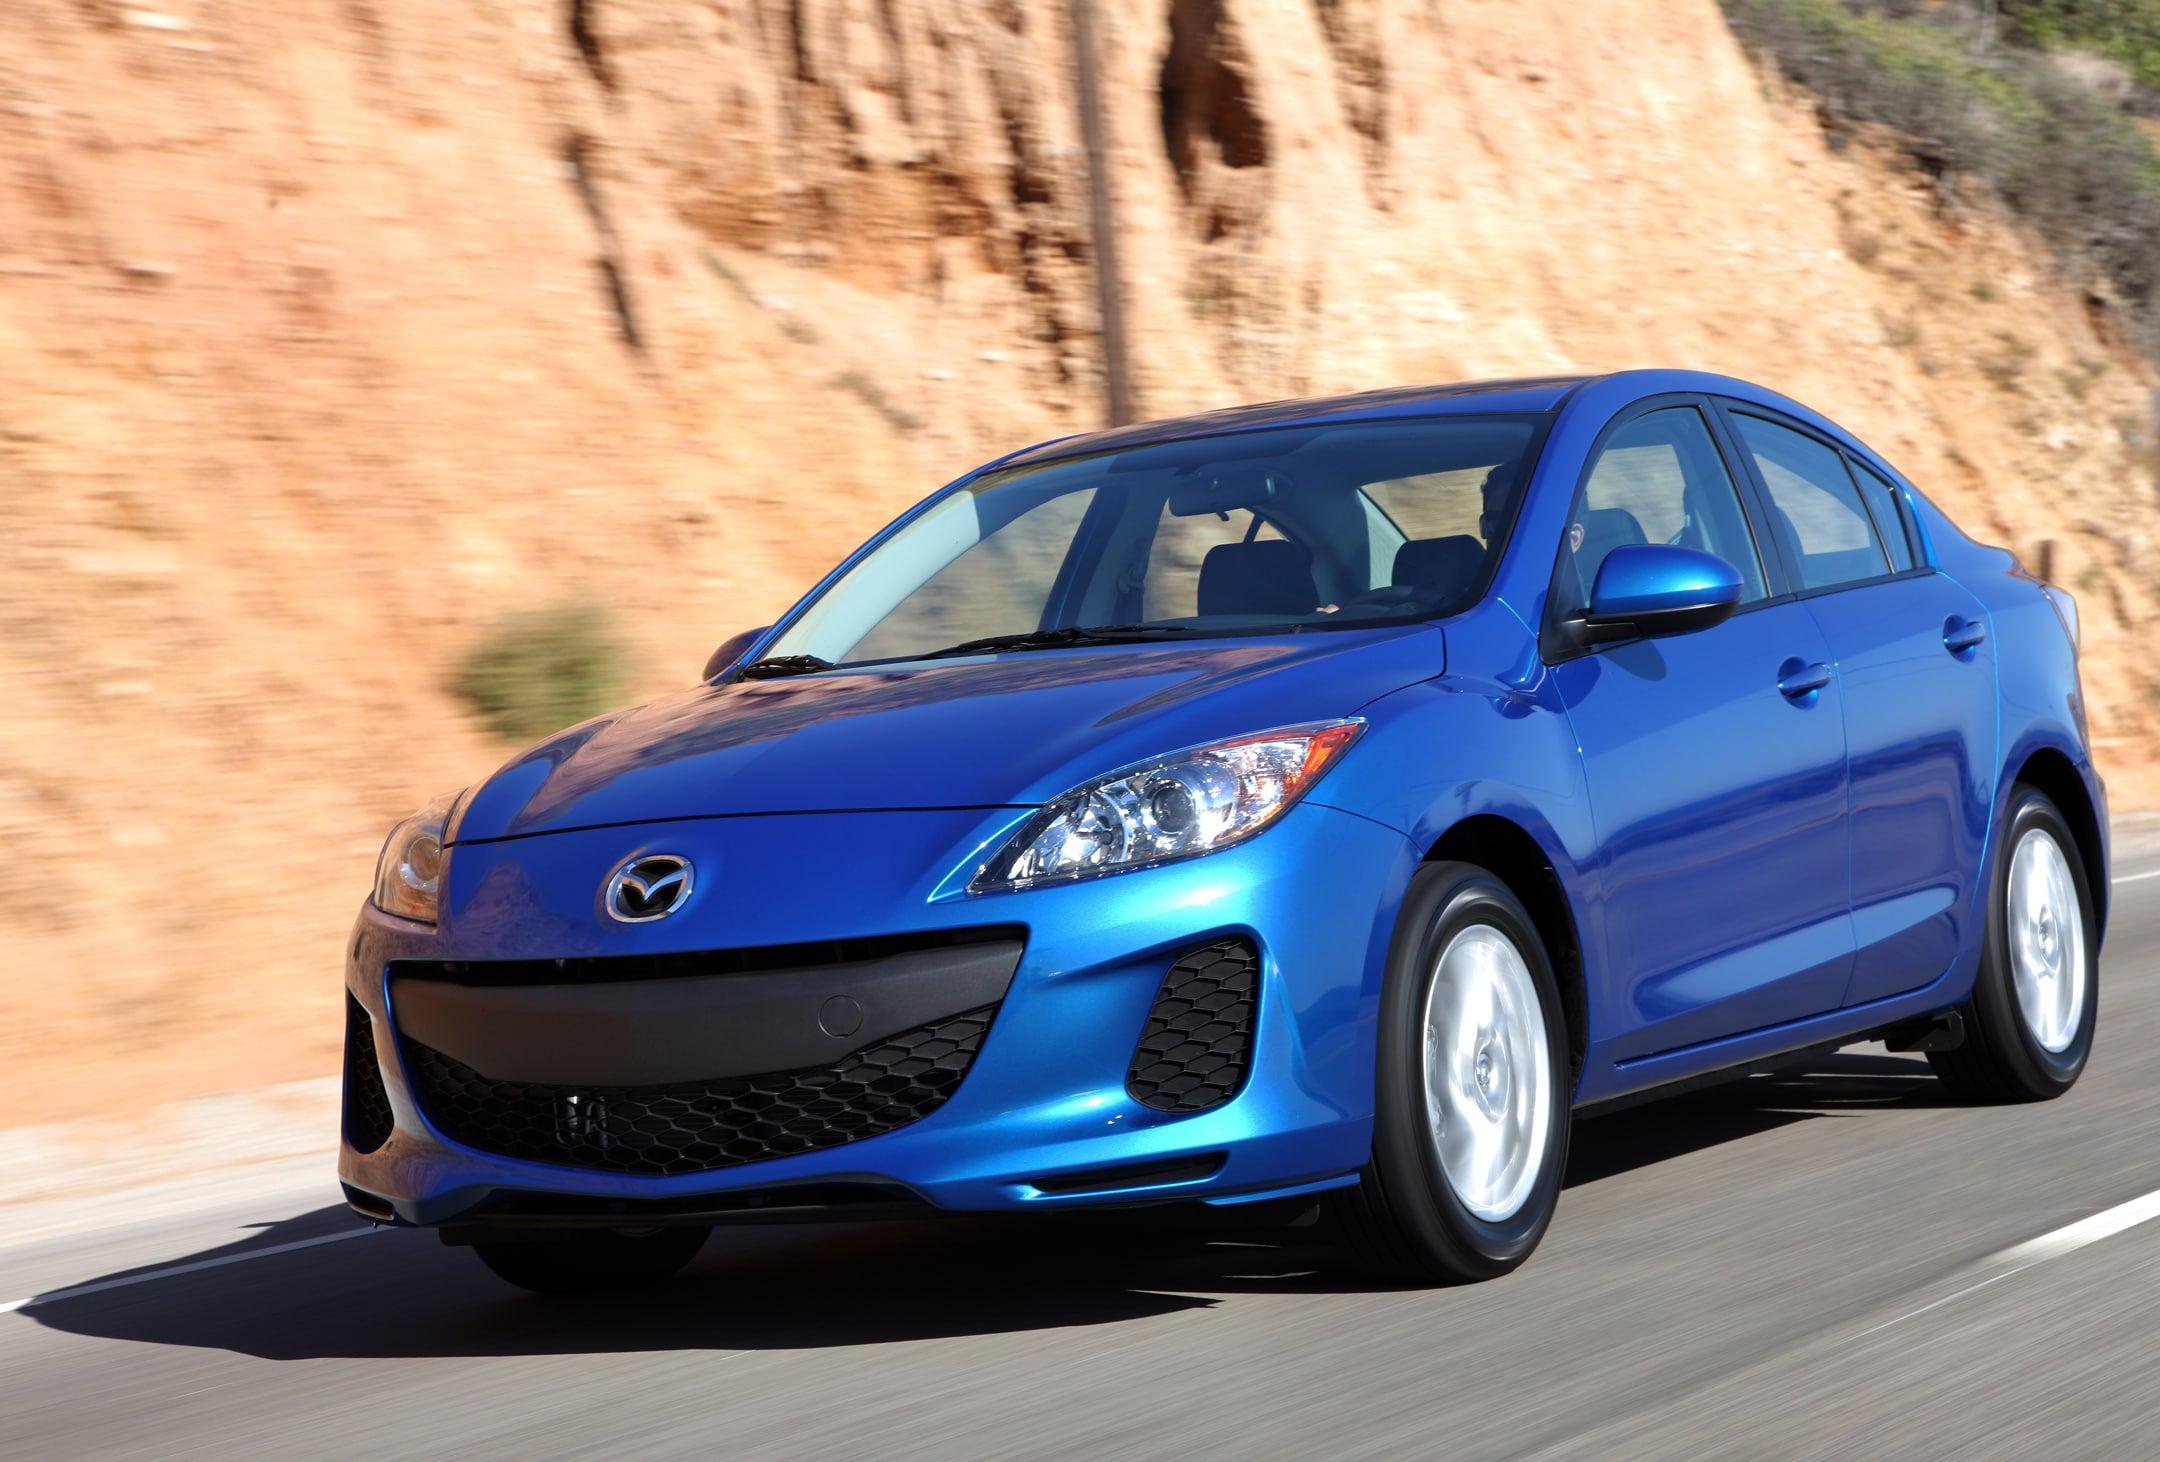 Mazdau0027s New 3 Uses Skyactiv Technology ...